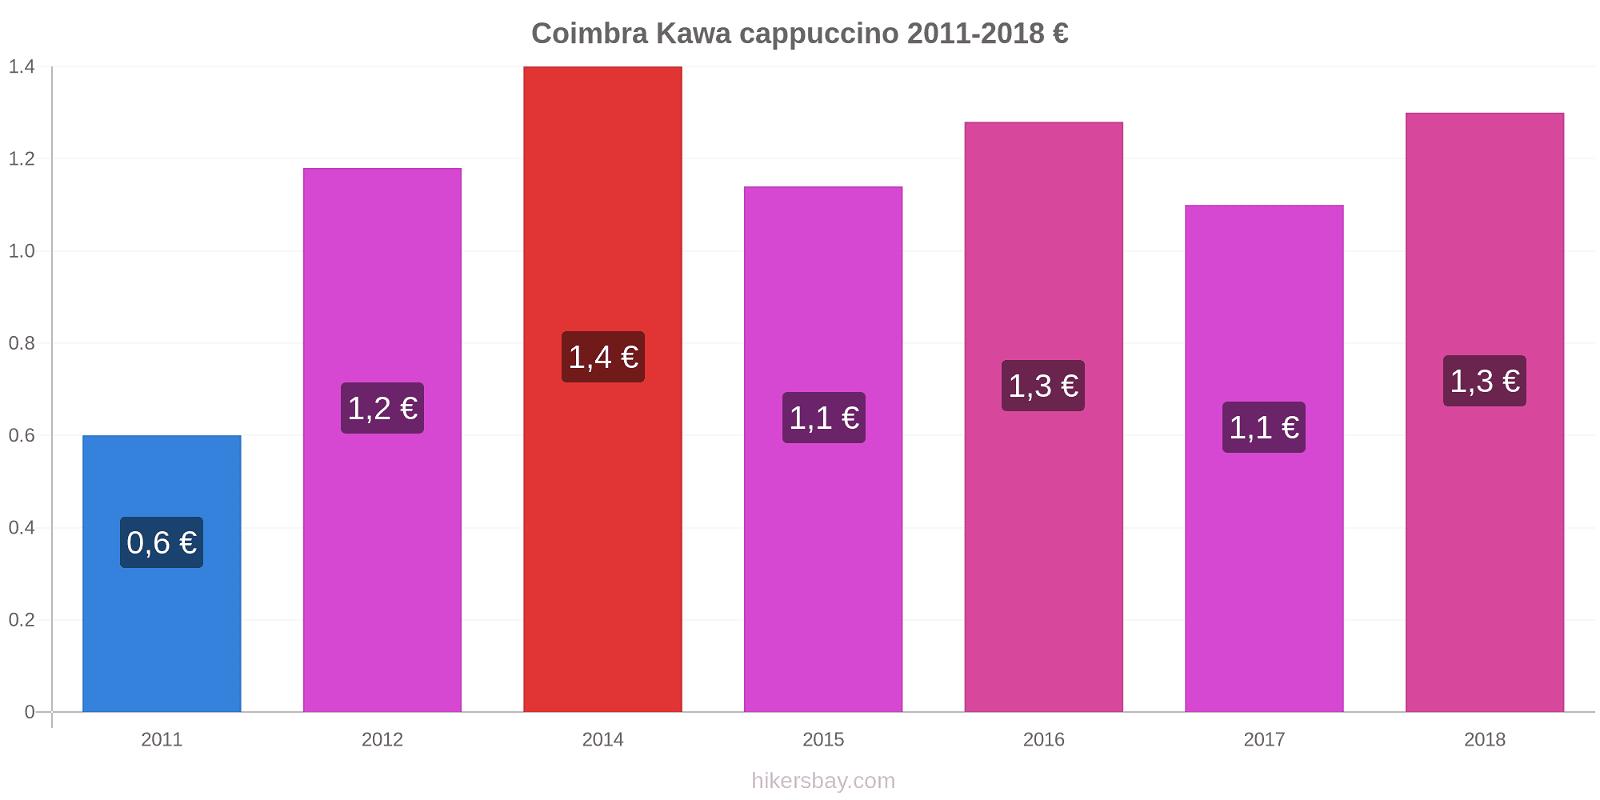 Coimbra zmiany cen Kawa cappuccino hikersbay.com